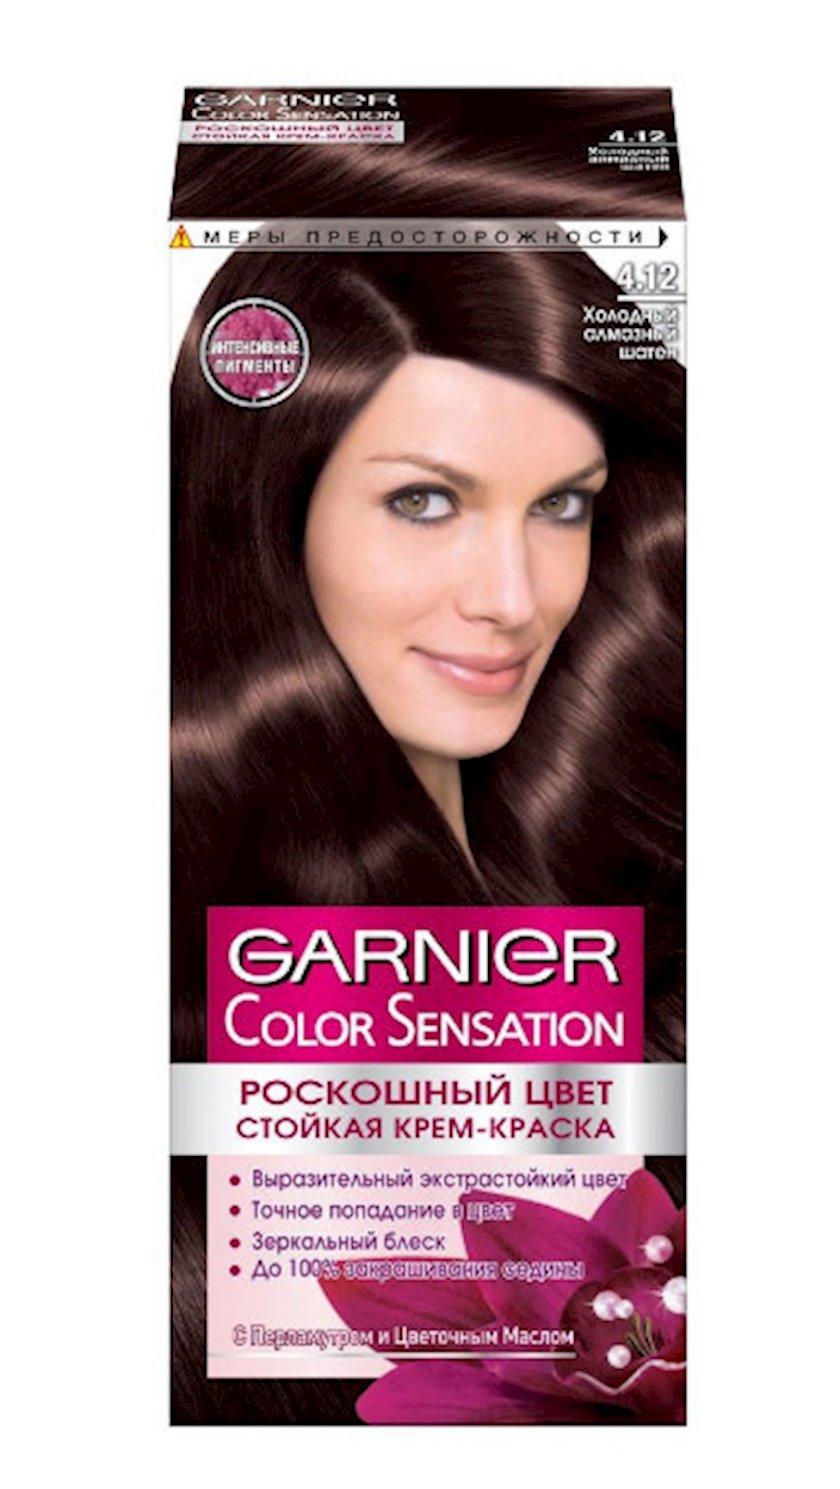 Saçlar üçün krem-boya Garnier Color Sensation, çalar 4.12, Soyuq almaz şaten, 110 ml